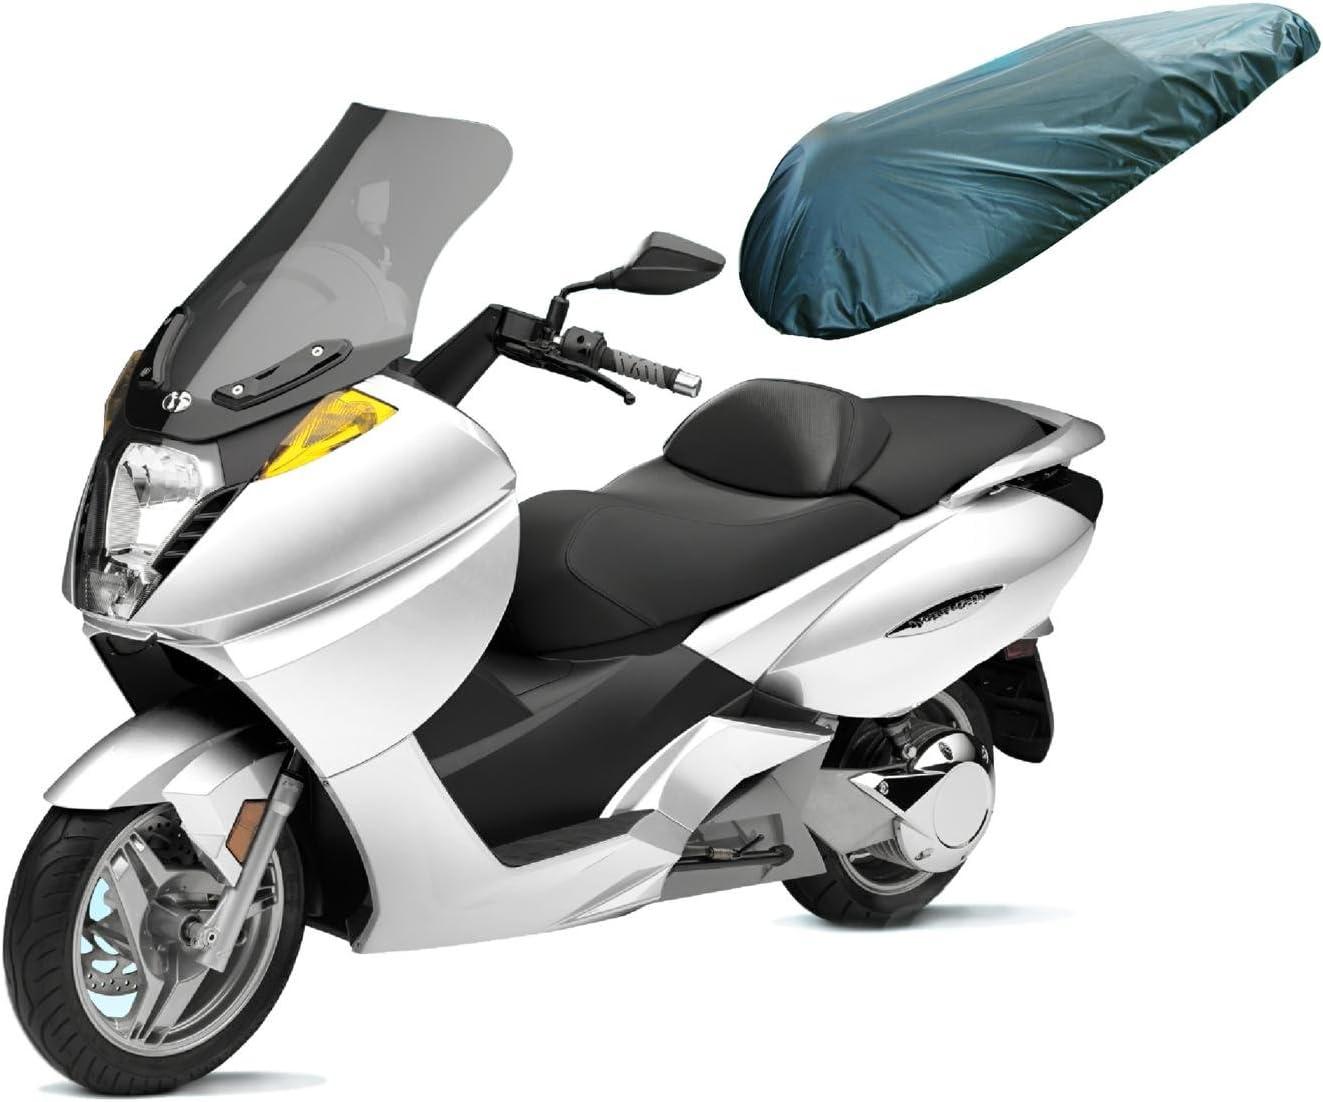 A de Pro Universal Motorcycle Motorbike Nylon Heavy Duty Waterproof Seat Covers Black L